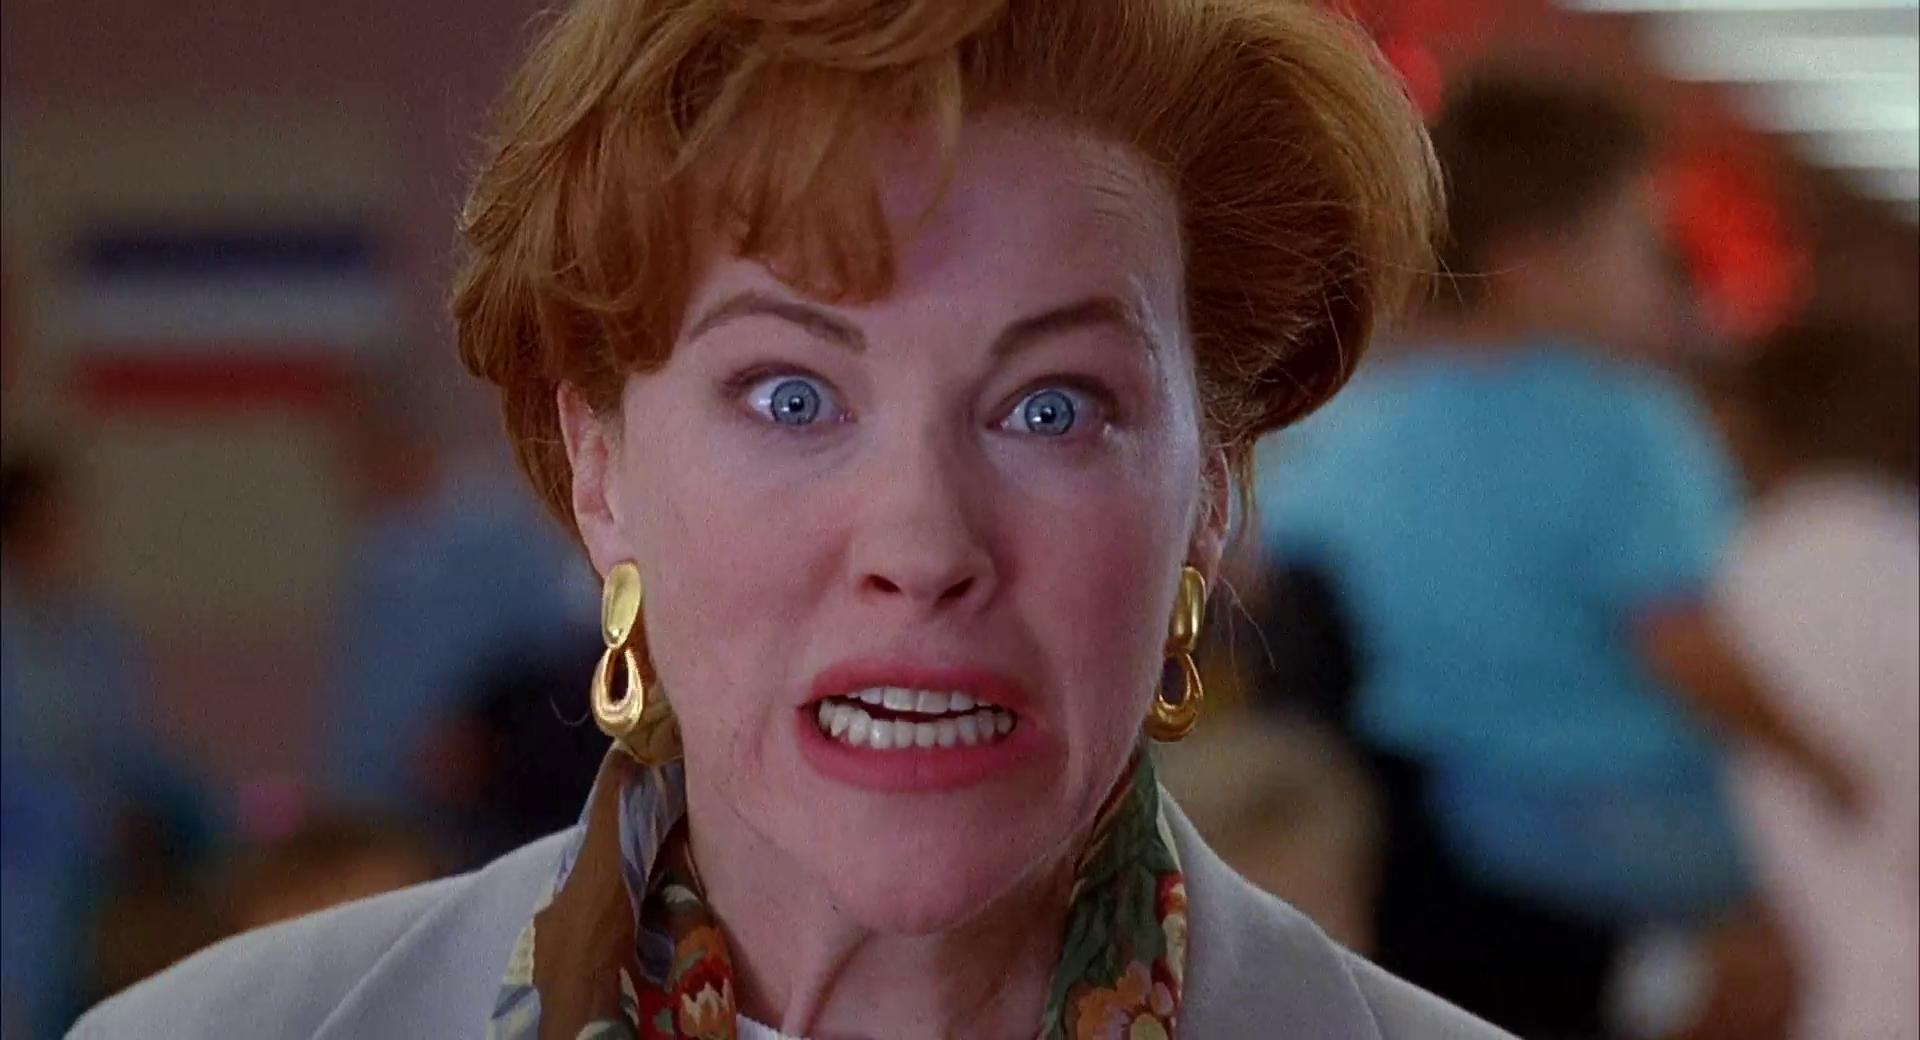 Ya han pasado 26 años: Mira como luce la mamá de Kevin de «Mi pobre angelito» (FOTOS)